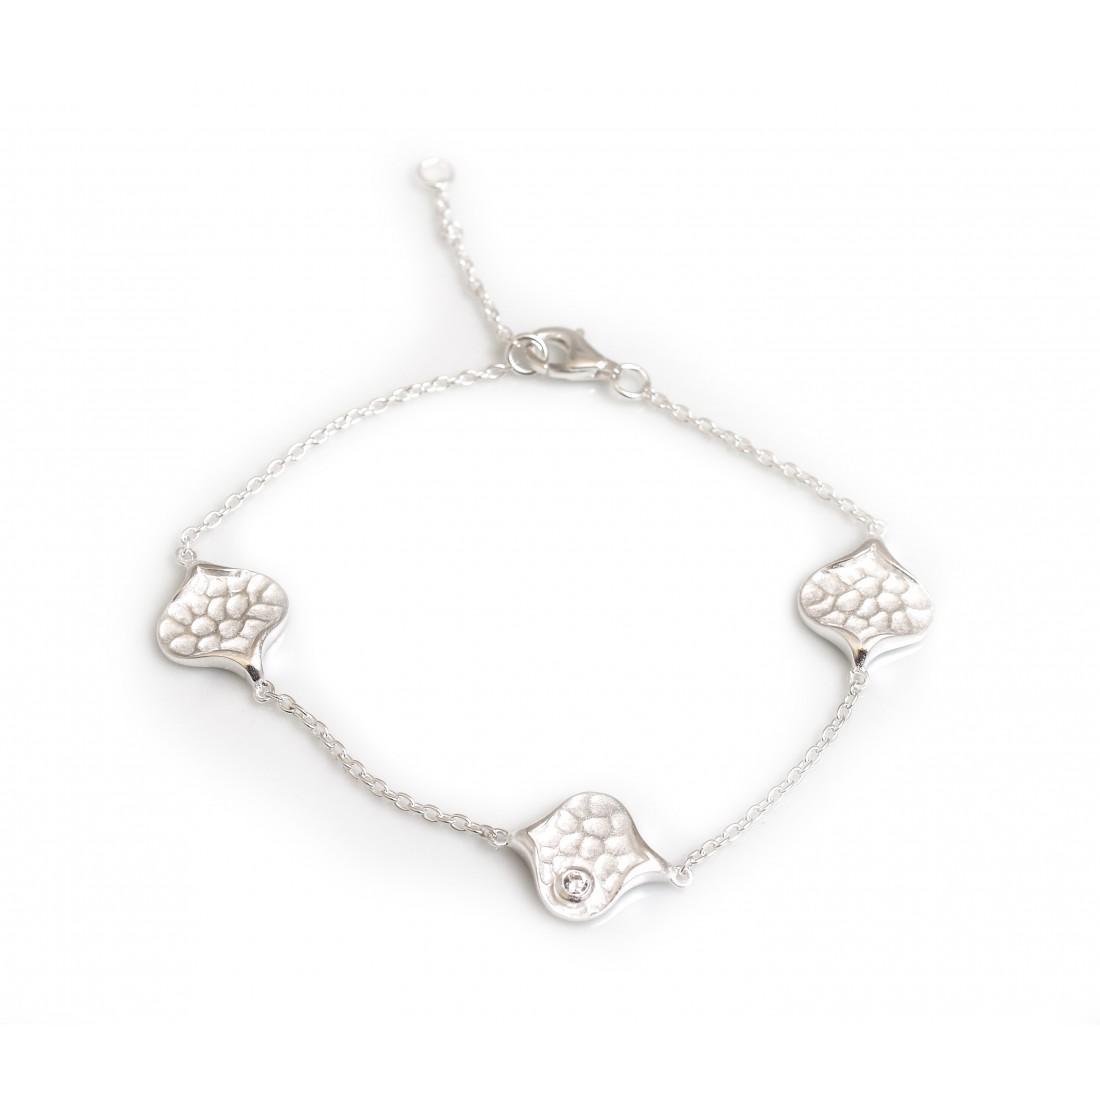 Sterling Silver Hammered Droplet Bracelet With CZ